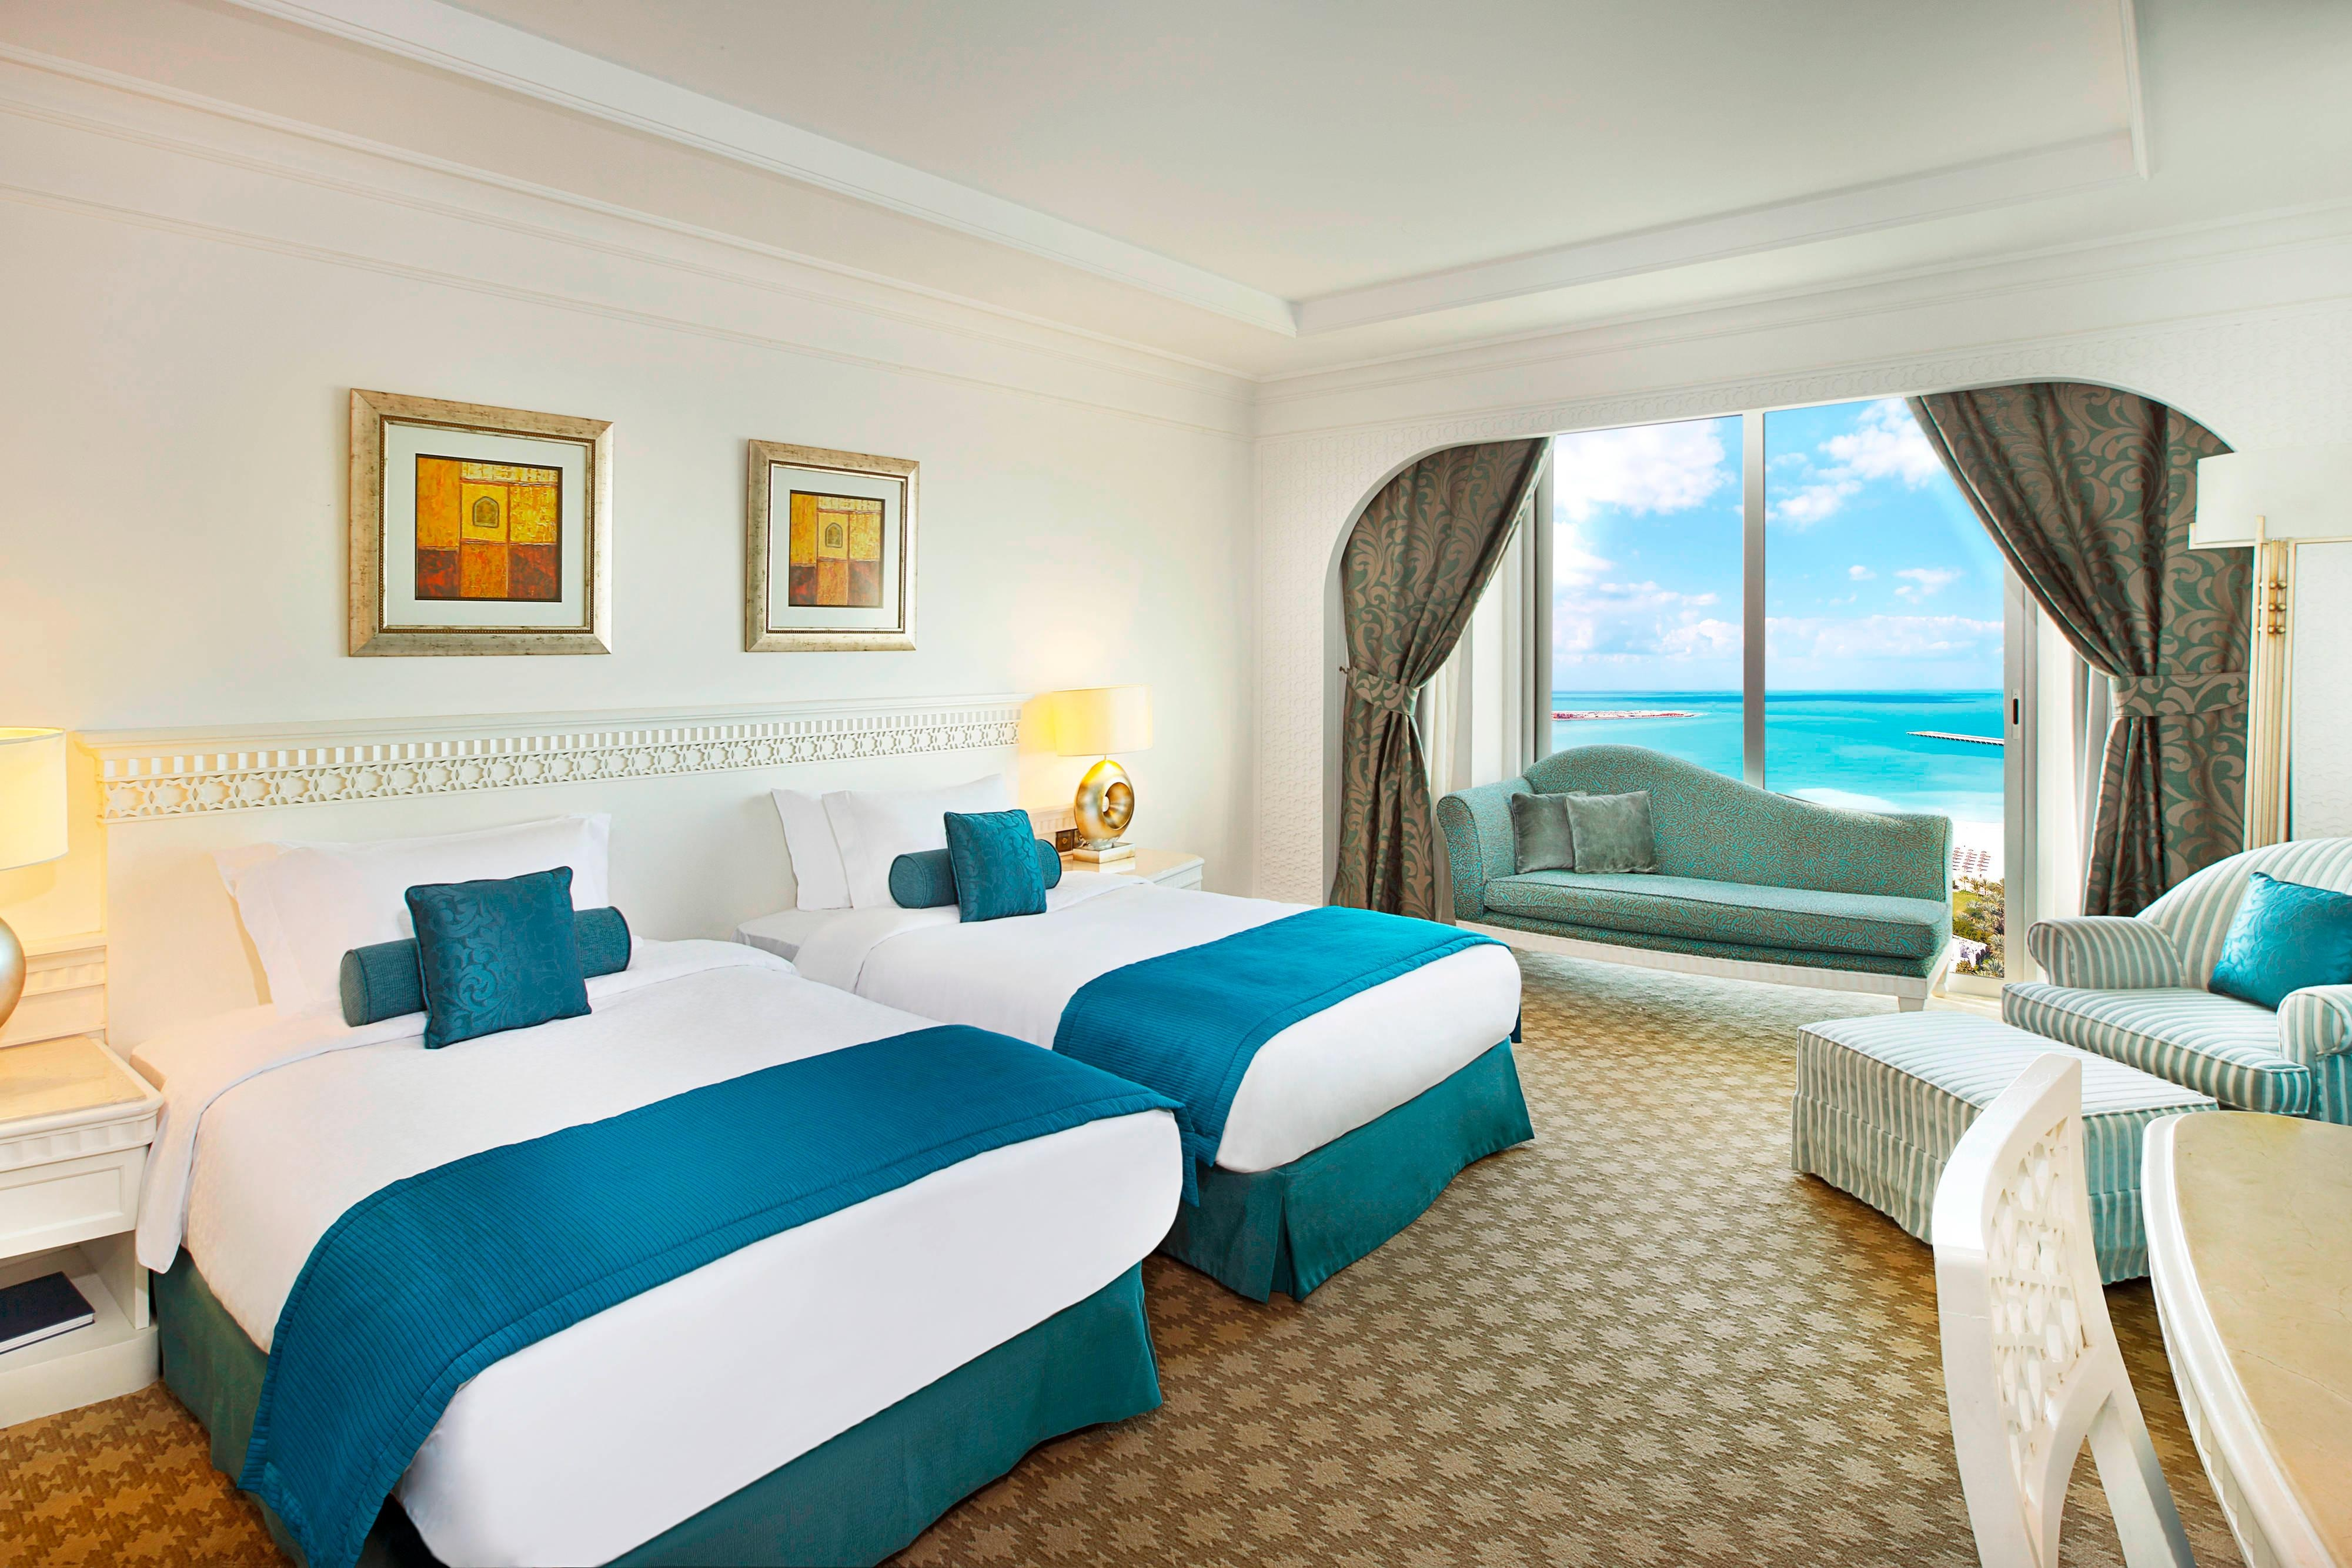 Chambre Tower avec lit simple face à l'océan